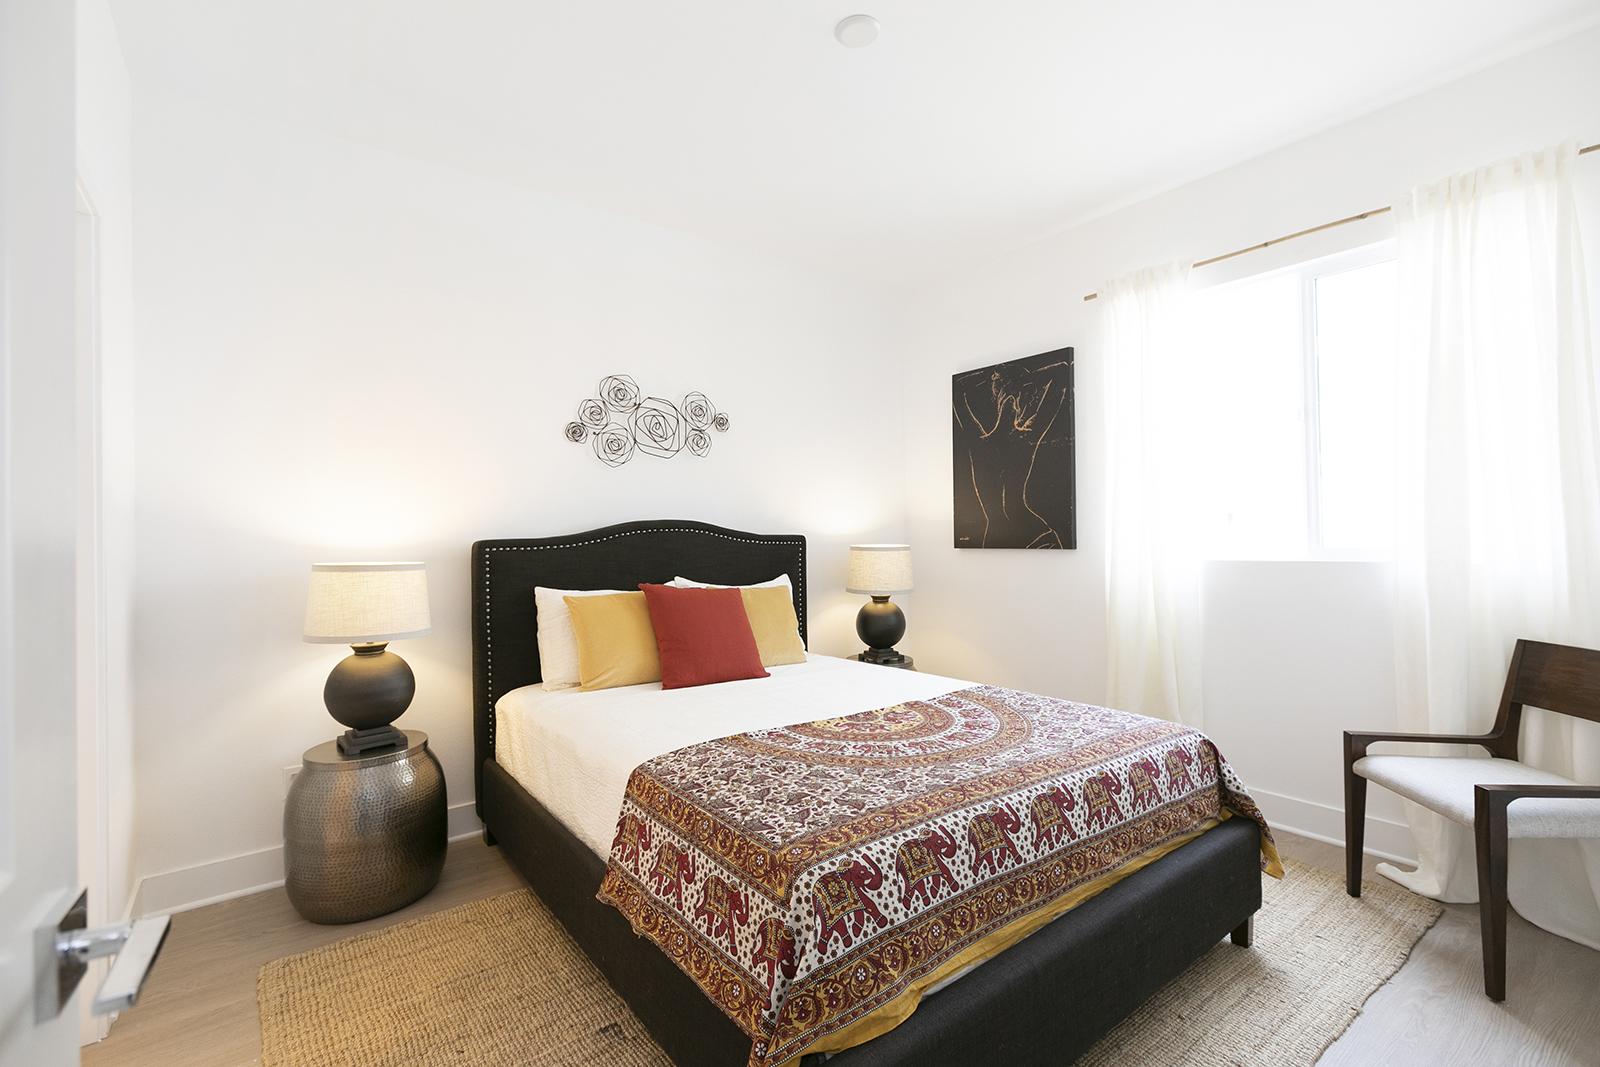 Home #2 - 3 BED | 3.5 BATH | 1,671 SF